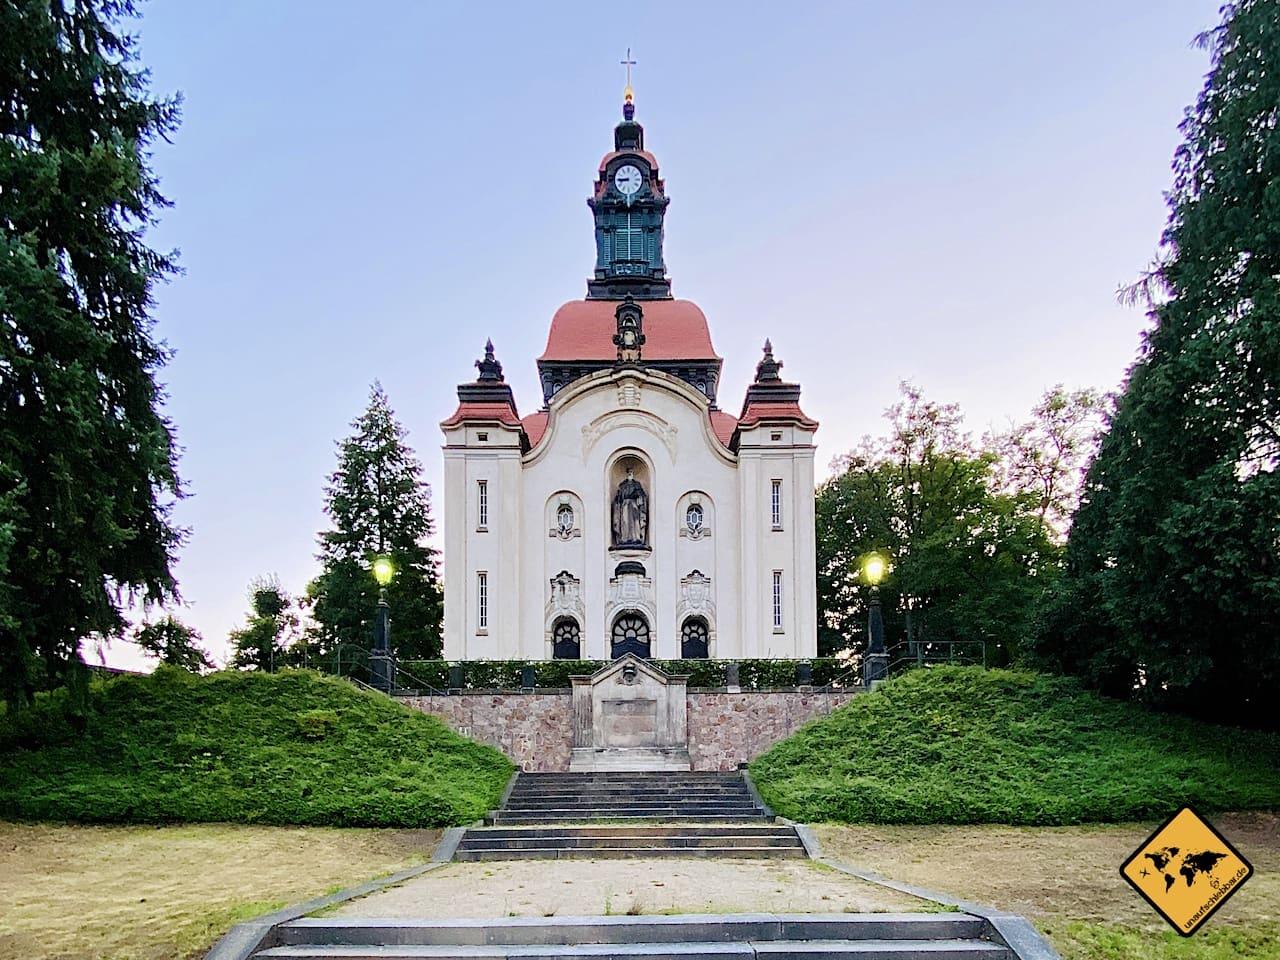 Moritzburg Sehenswürdigkeiten Kirche